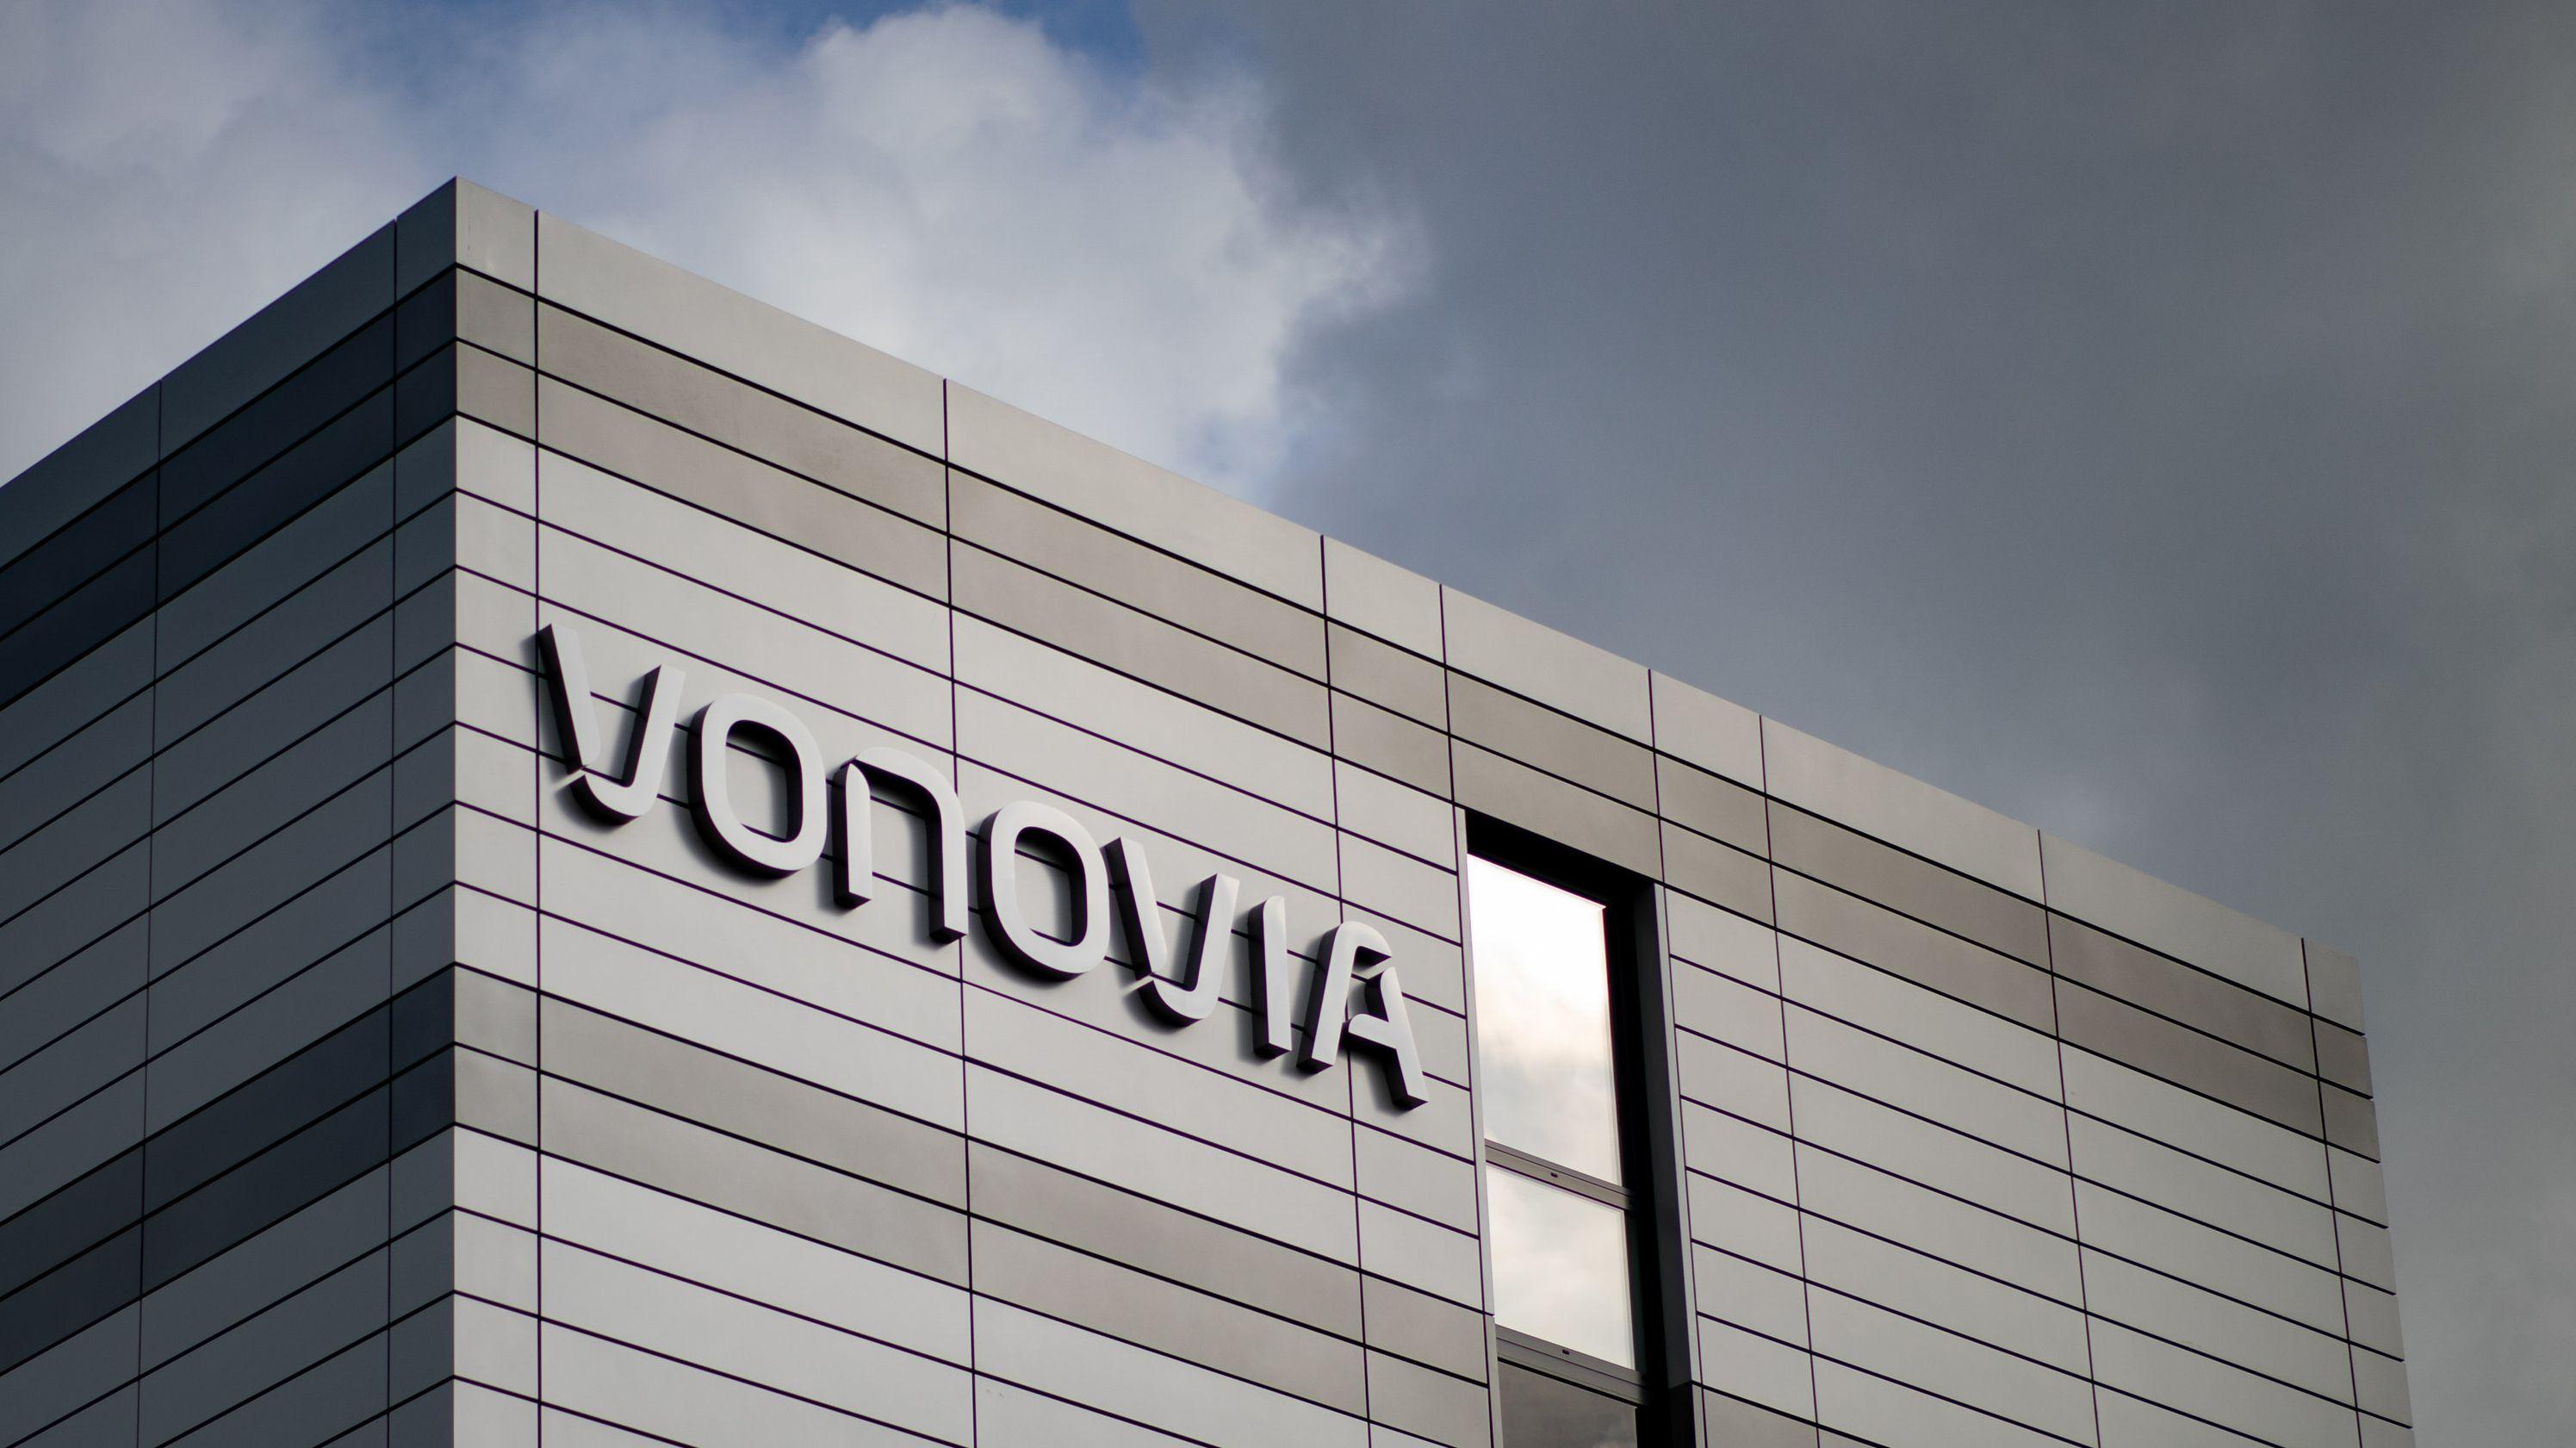 Mietpreisbremse und Mietendeckel kann Vonovia wenig anhaben